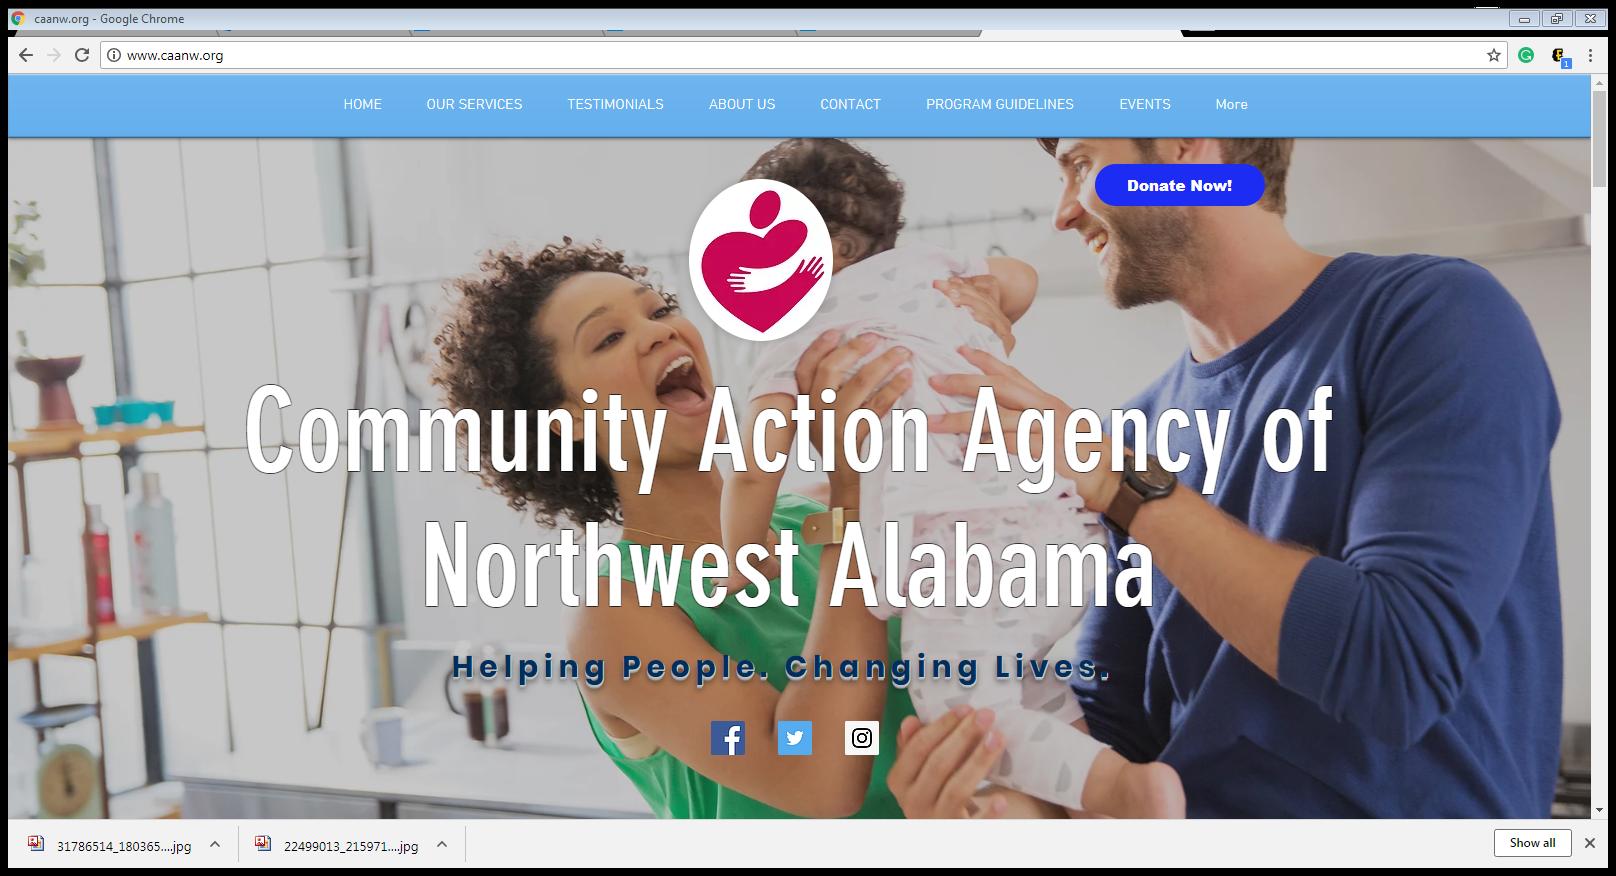 PROGRAM GUIDELINES | Community Action Agency Northwest Alabama